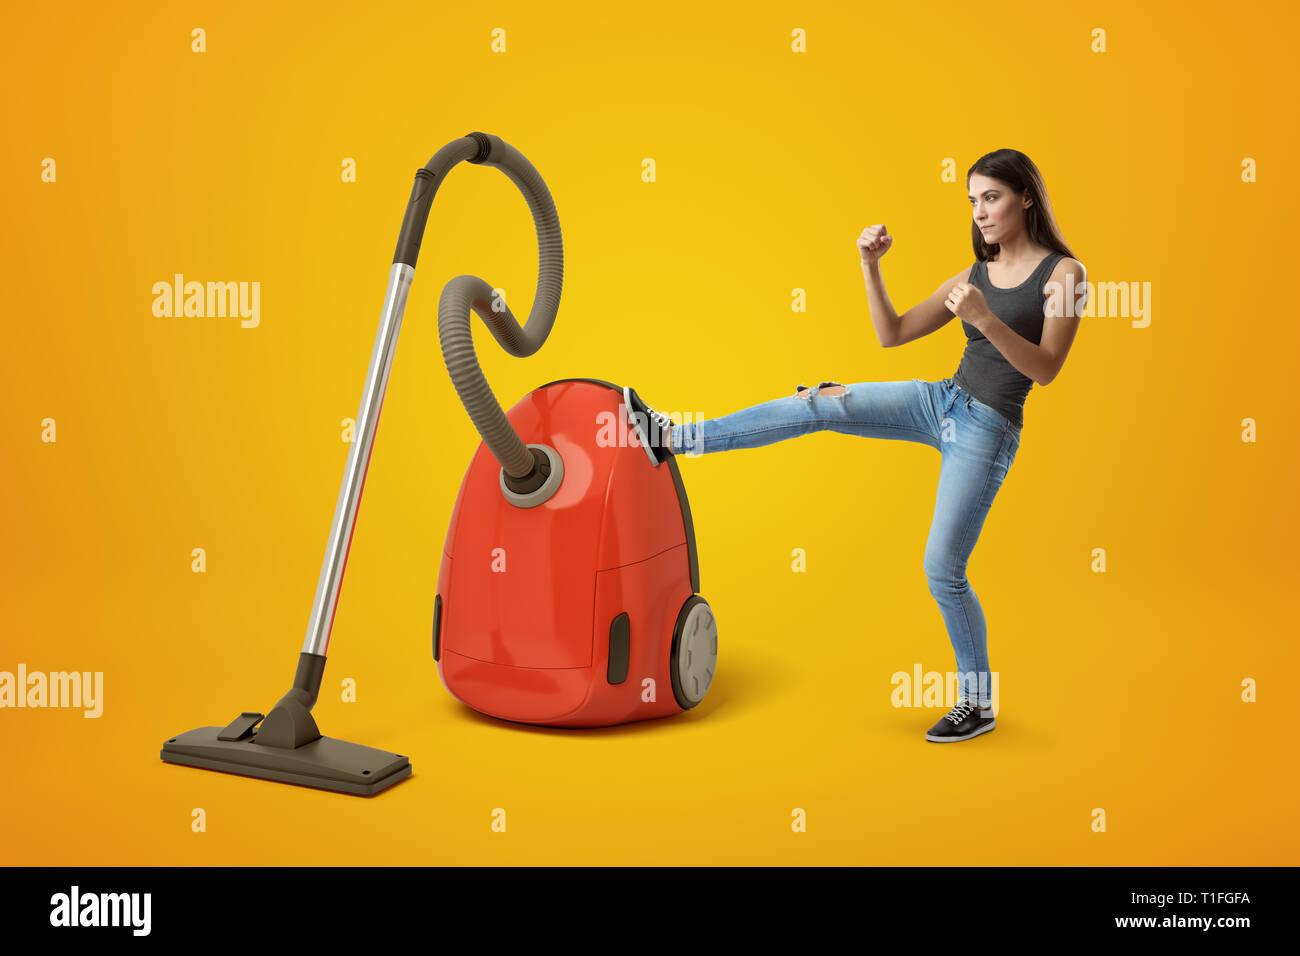 Joven en superior gris y jeans, los puños clenched y elevada, aspirador grande rojo patadas con la pierna derecha sobre fondo amarillo. Imagen De Stock